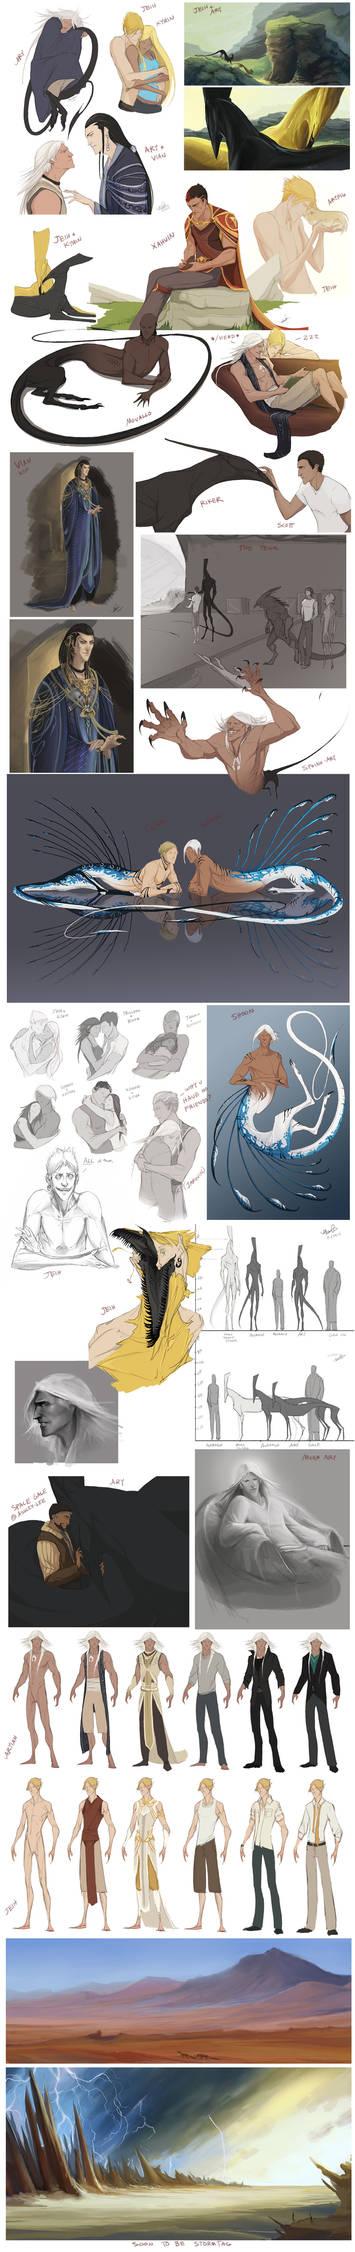 Character Sketchdump 5